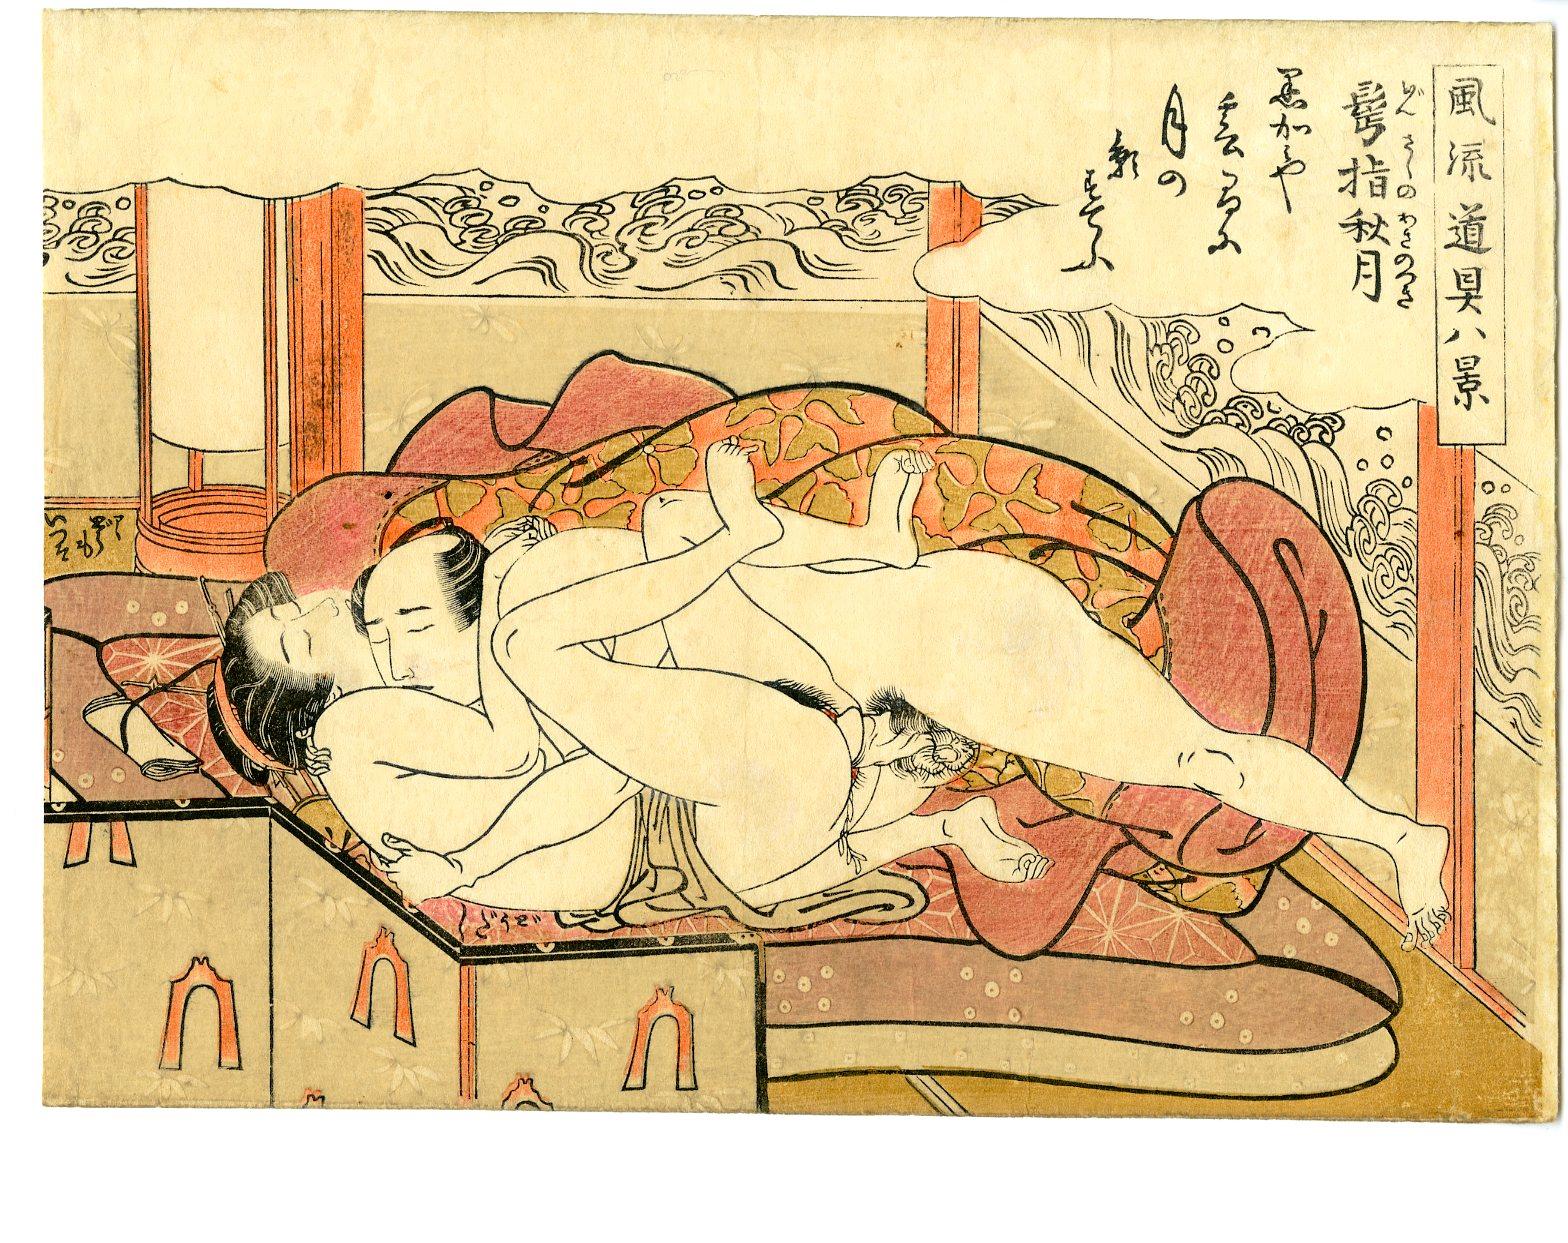 浮世絵 春画